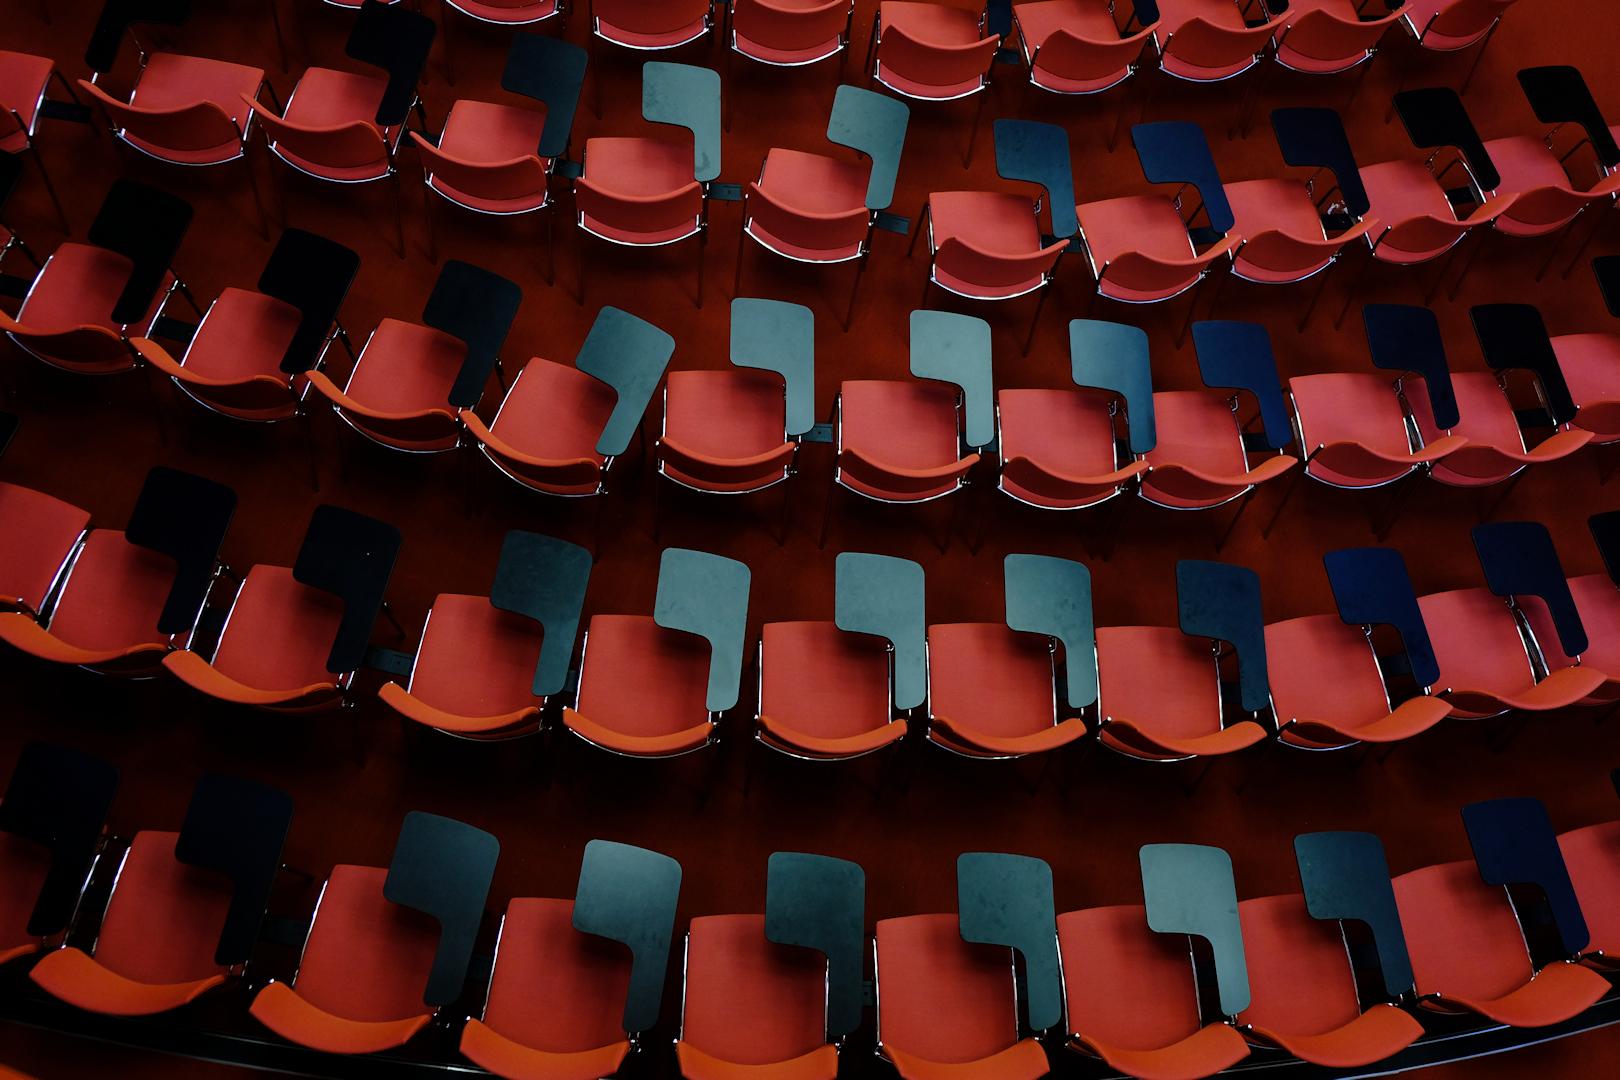 Sfondi Astratto Rosso Blu Cerchio Stadio Struttura Colore